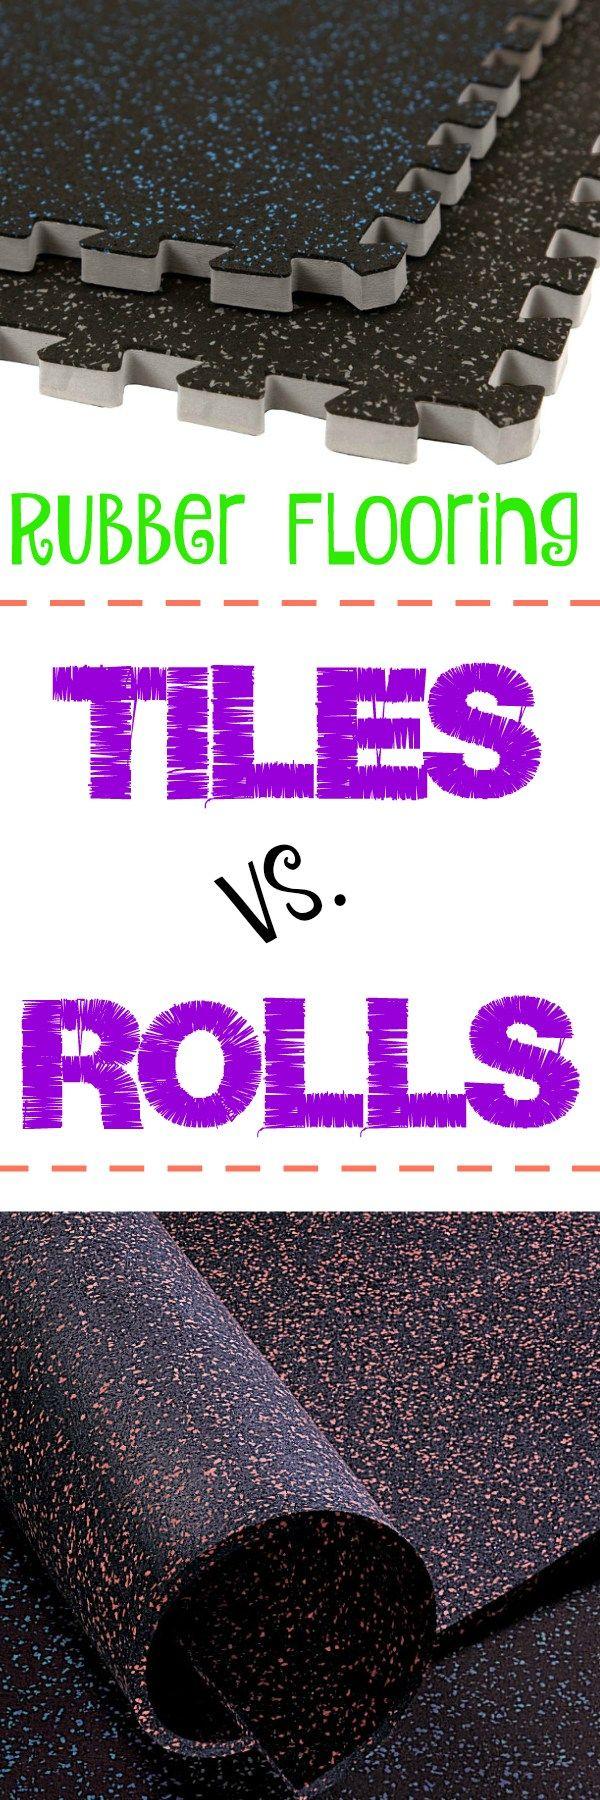 Rubber Flooring Tiles Vs. Rolls Fitness center Home